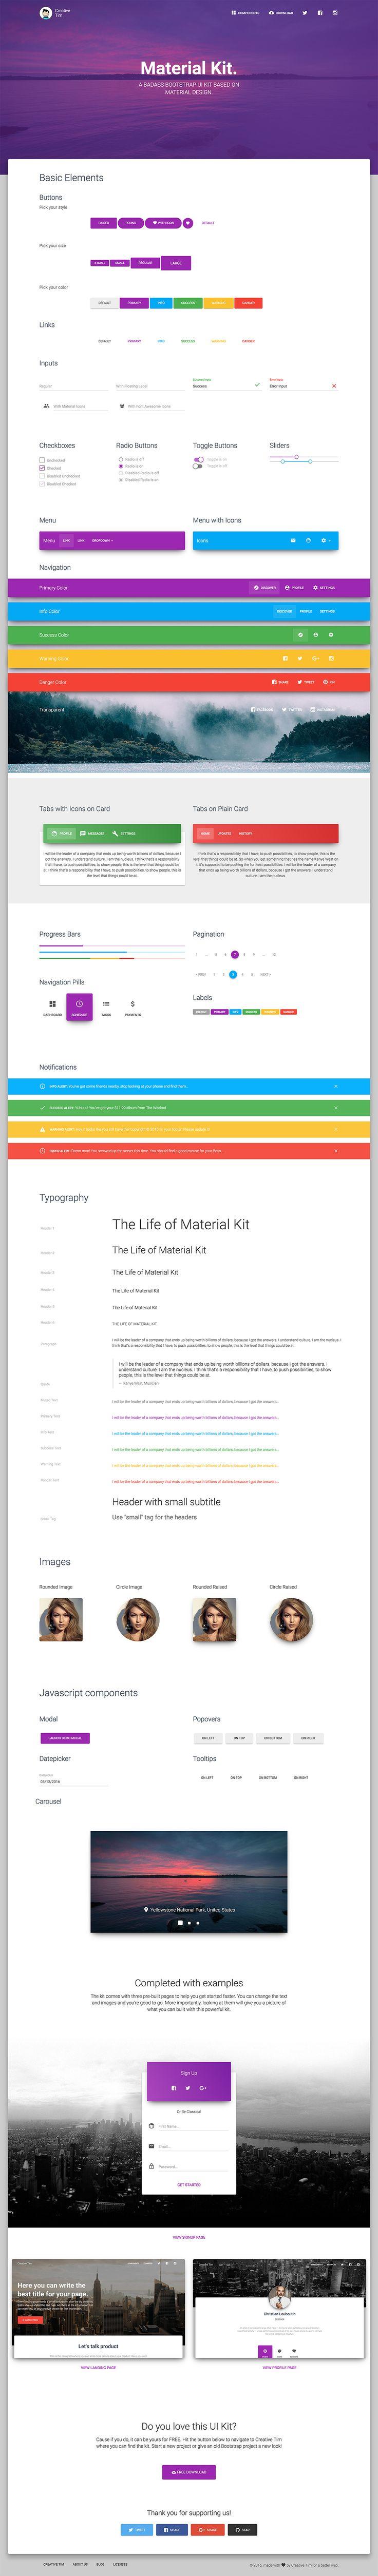 Material Kit Free